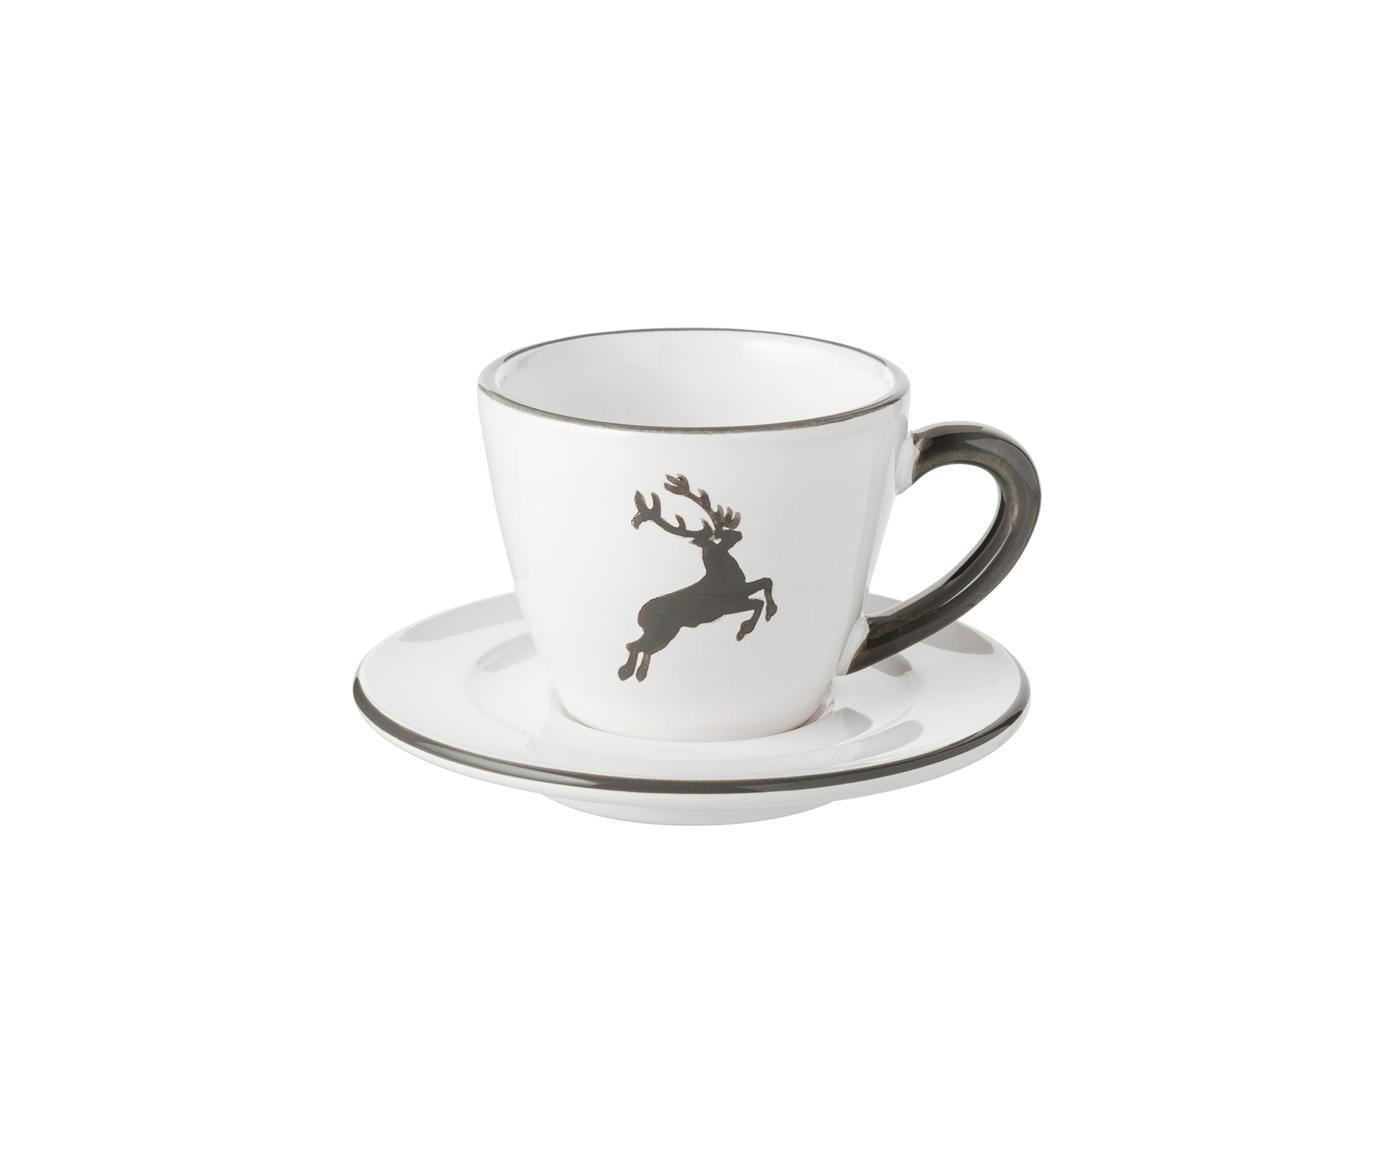 Handbemalte Espressotasse mit Untertasse Gourmet Grauer Hirsch, Keramik, Grau,Weiß, Sondergrößen